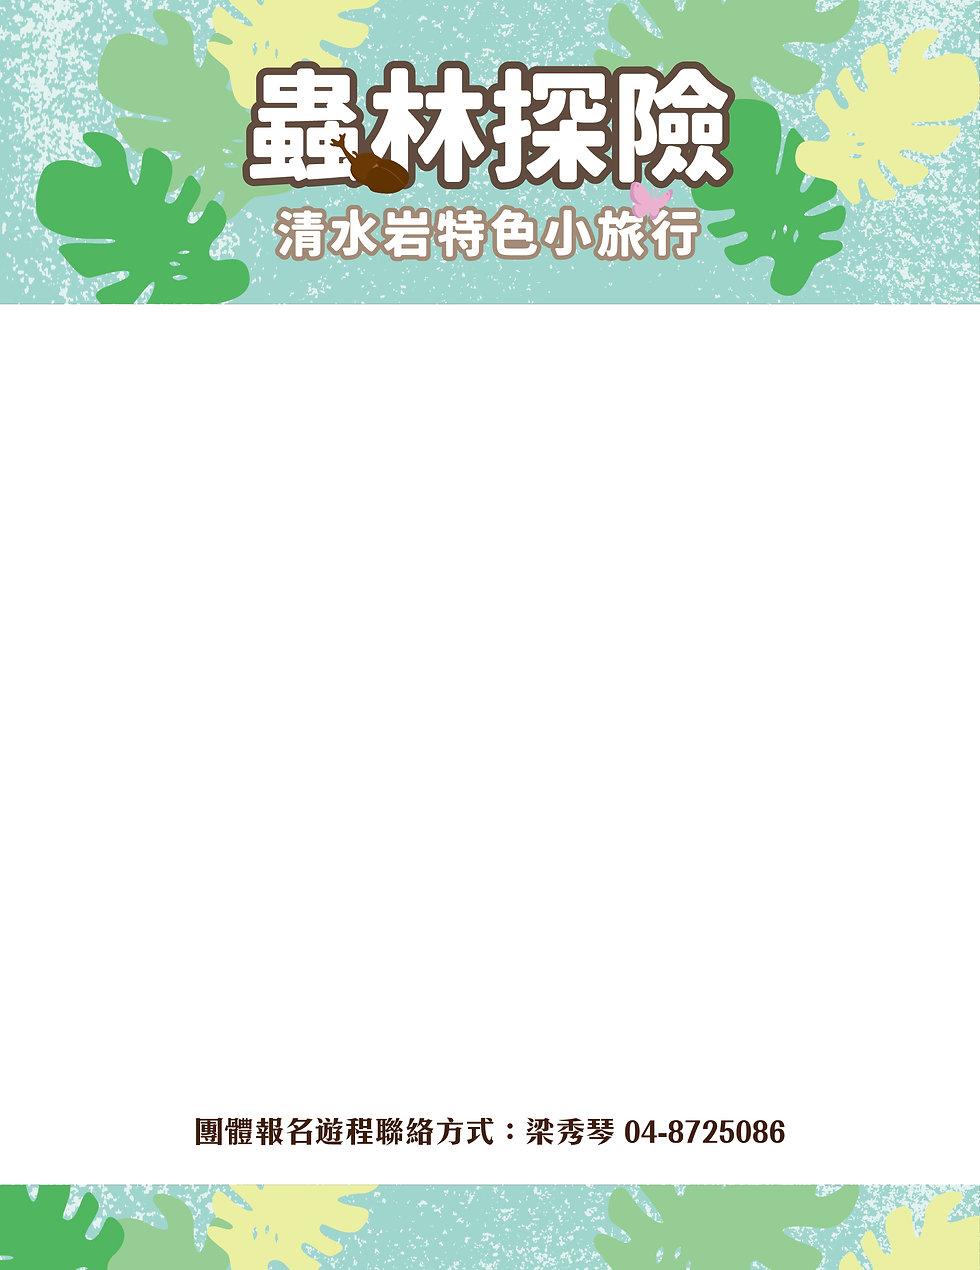 清水岩-1蟲林探險-2-01.jpg